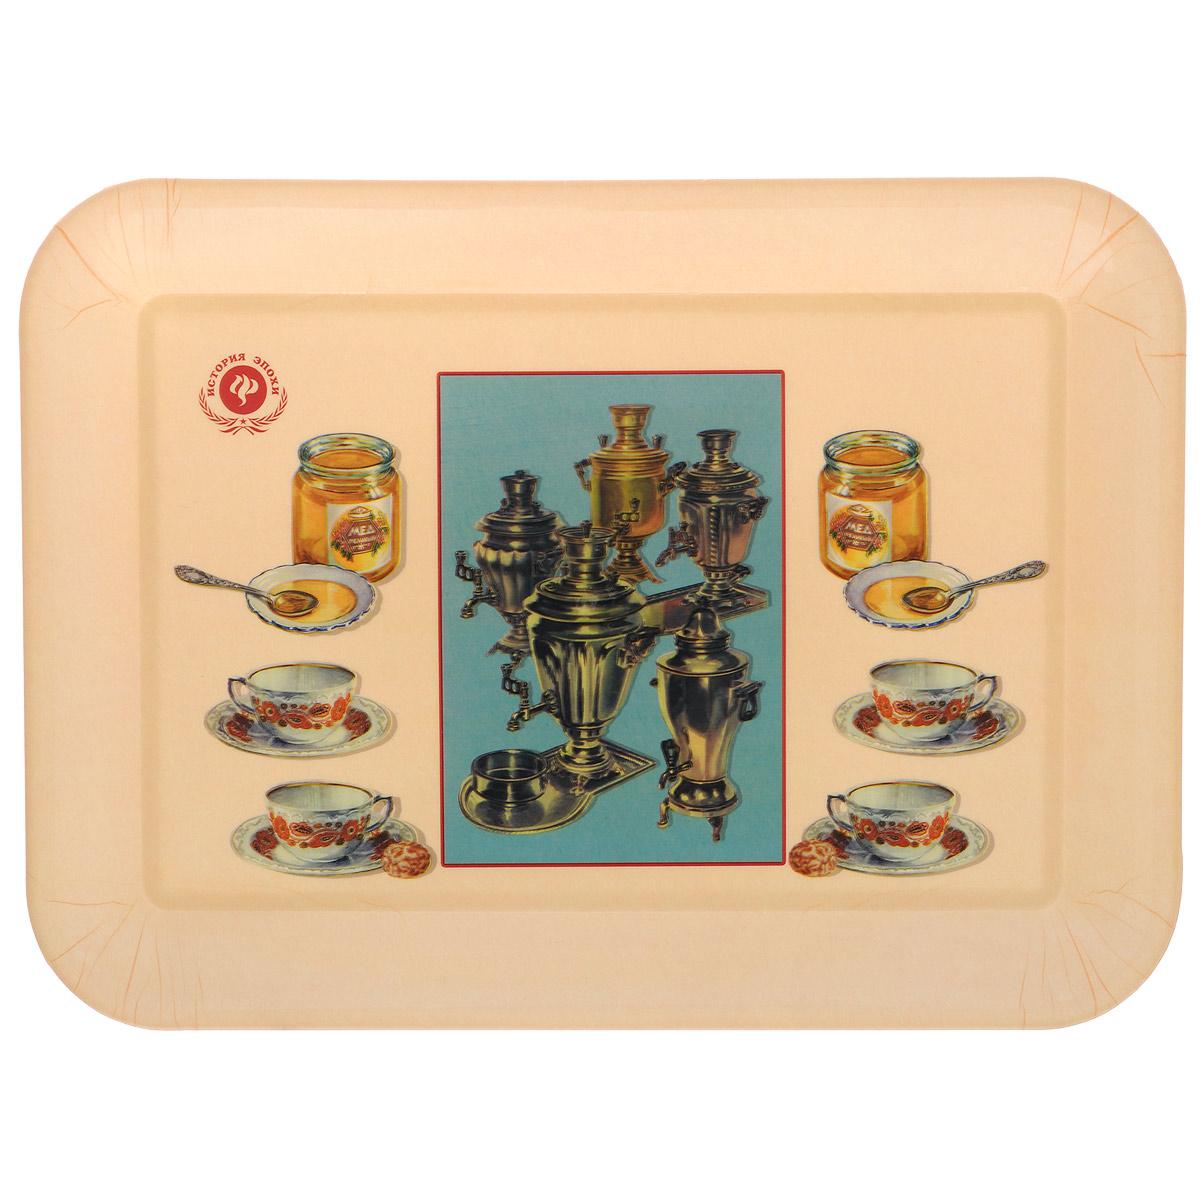 Поднос Феникс-презент Самовары, 35,5 х 25,5 см37404Поднос Феникс-презент Самовары изготовлен из полипропилена. Внутри поднос оформлен рисунком с изображением самоваров, чашек и баночек с медом. Поднос может использоваться как для сервировки, так и для декора кухни. Он прекрасно дополнит интерьер и добавит в обычную обстановку нотки романтики и изящества. Размер подноса: 35,5 см х 25,5 см х 2,3 см. Внутренний размер подноса: 29 см х 19 см х 1,9 см.